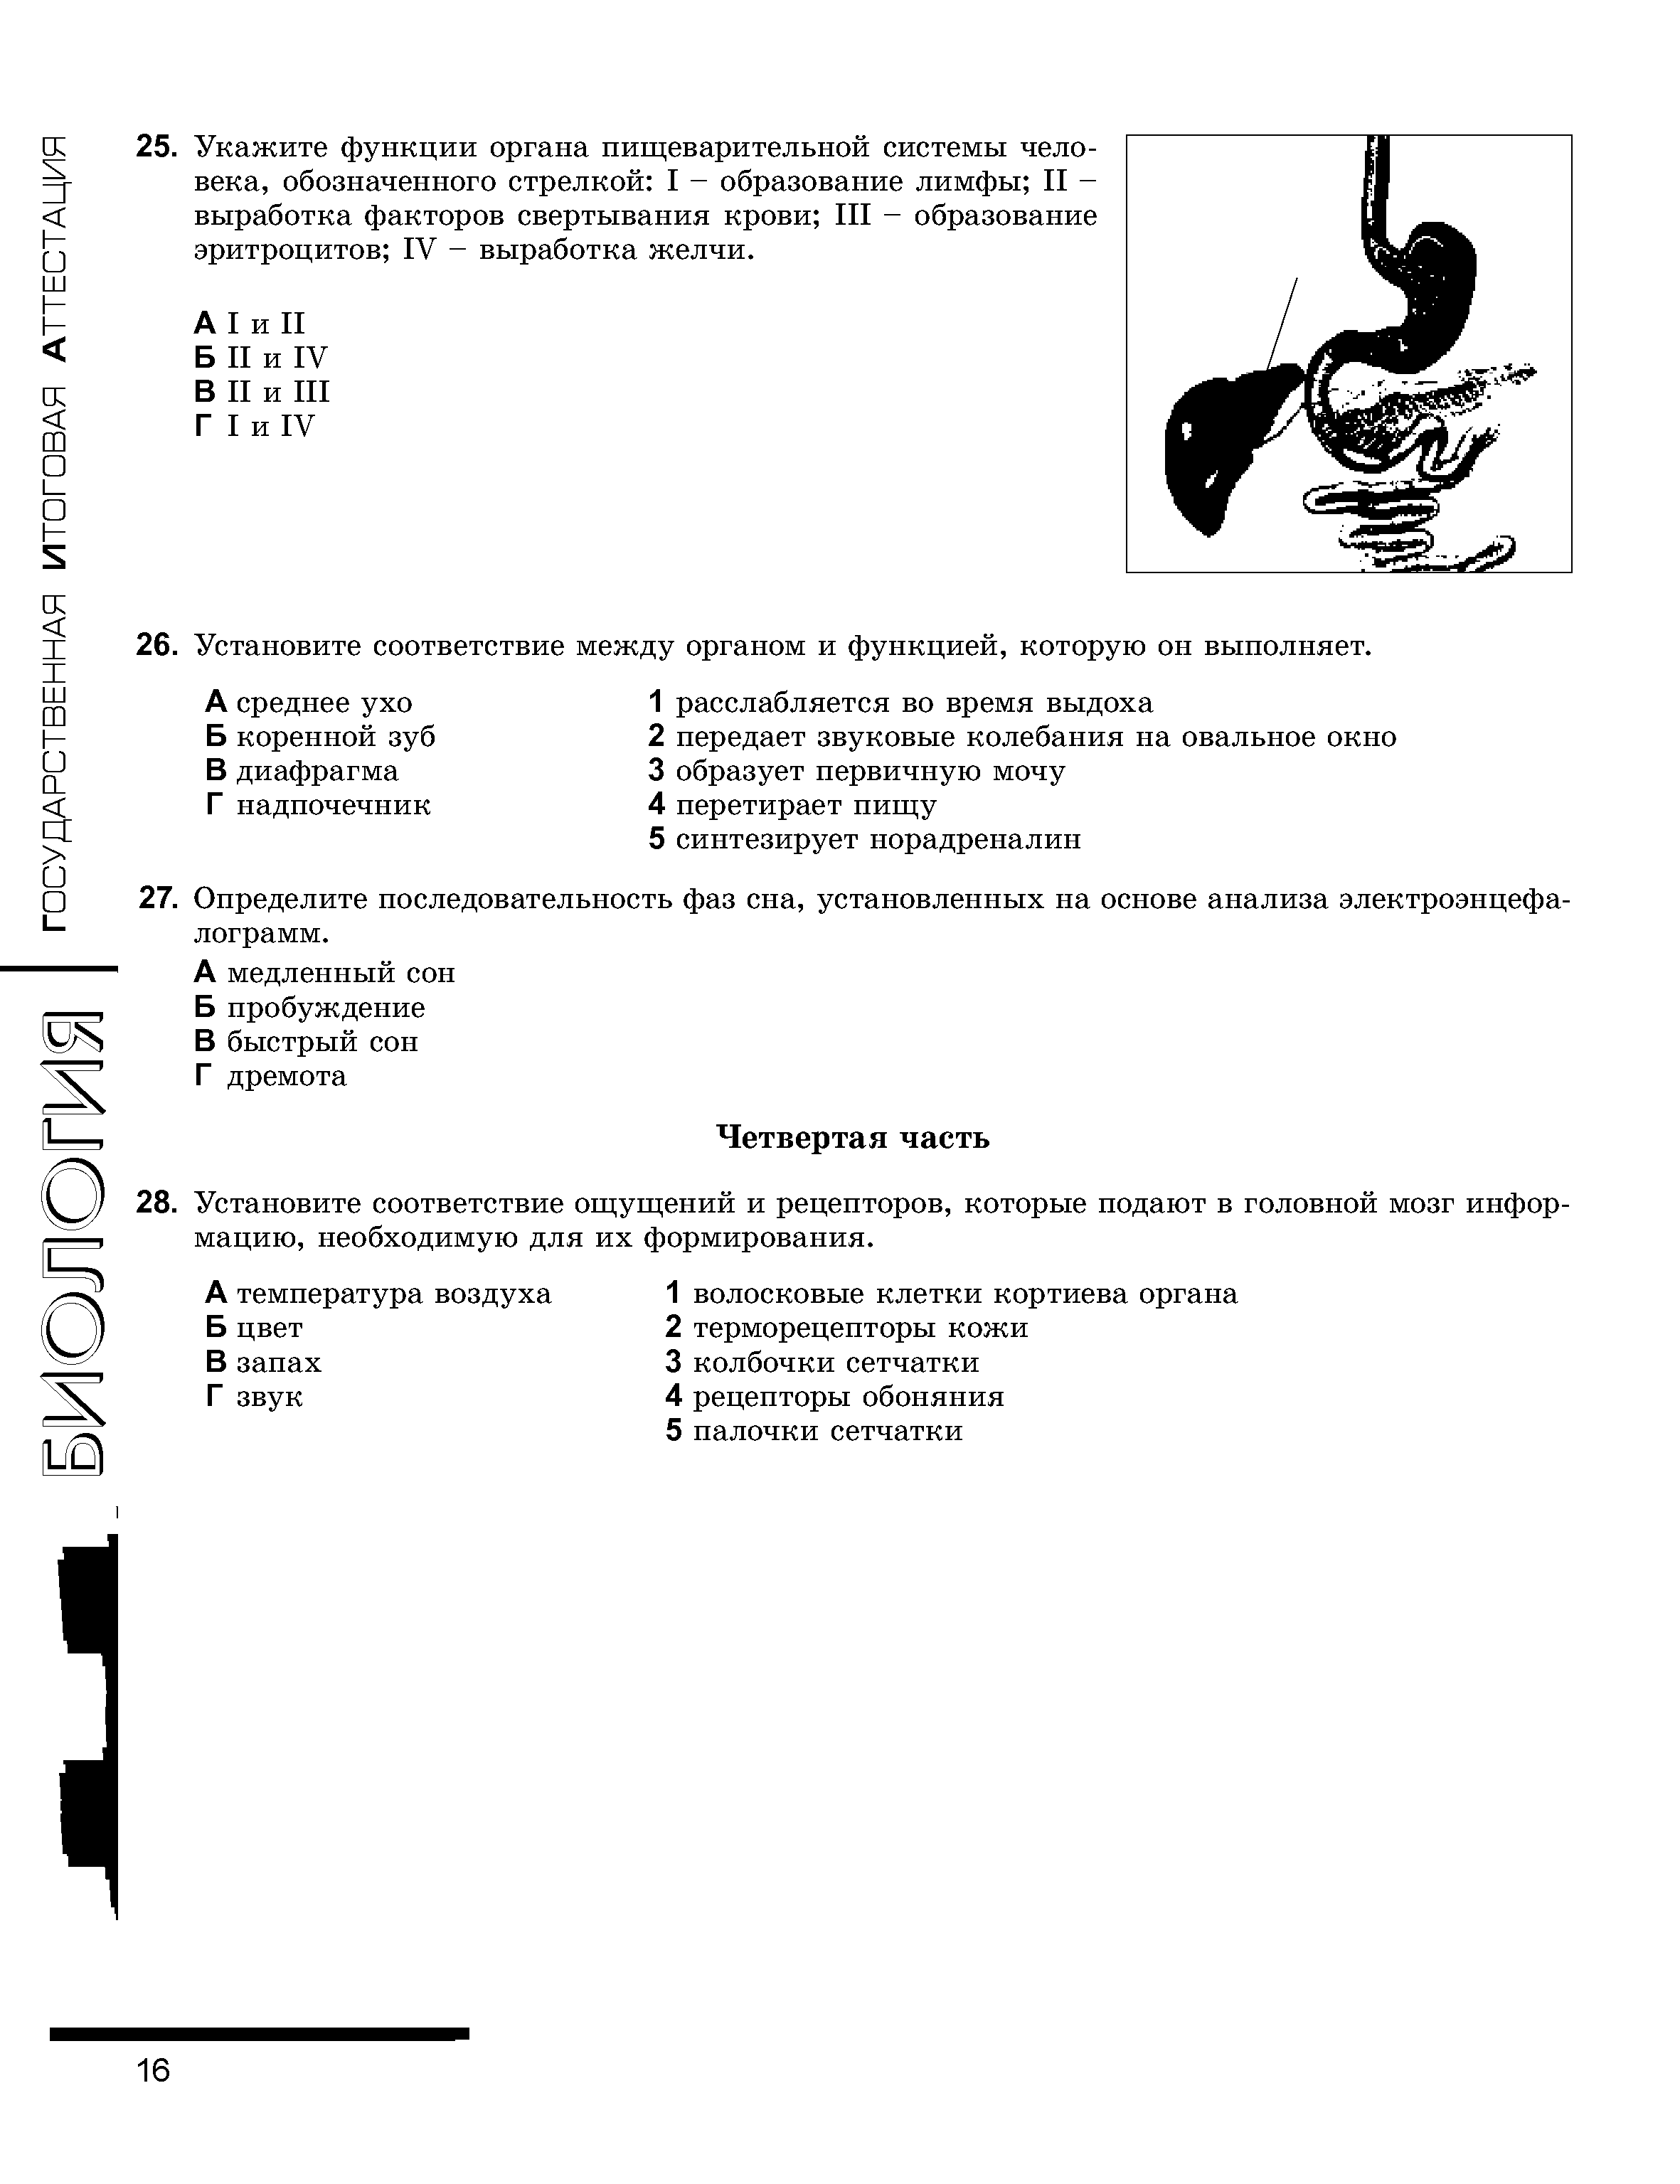 Решебник по биологии лабораторные и практические работы 11 класс упатова